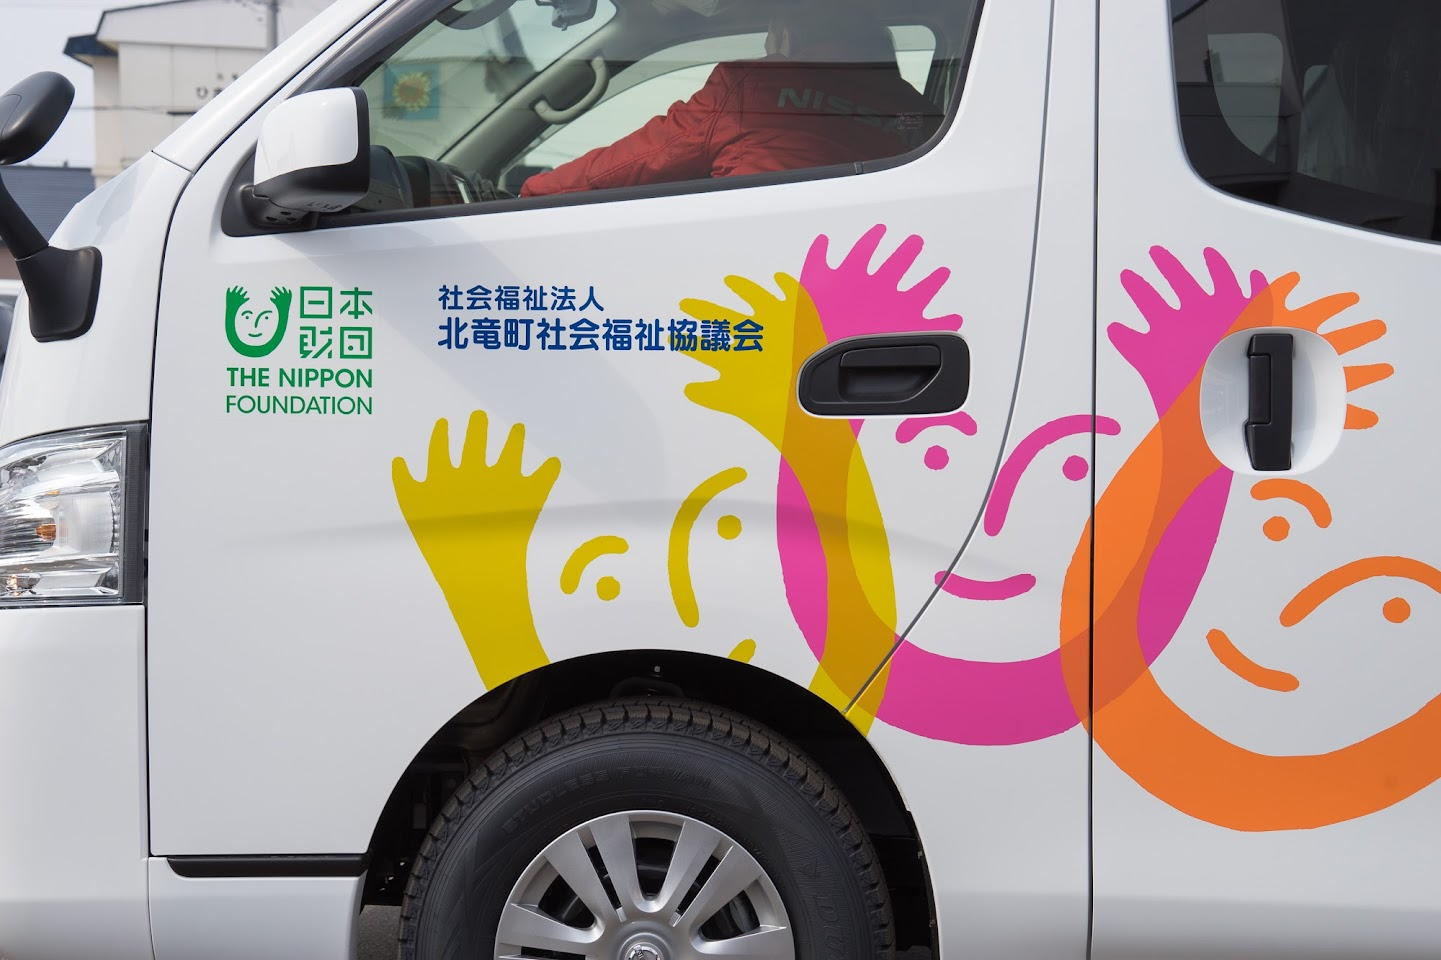 日本財団 ✕ 社会福祉法人 北竜町社会福祉協議会